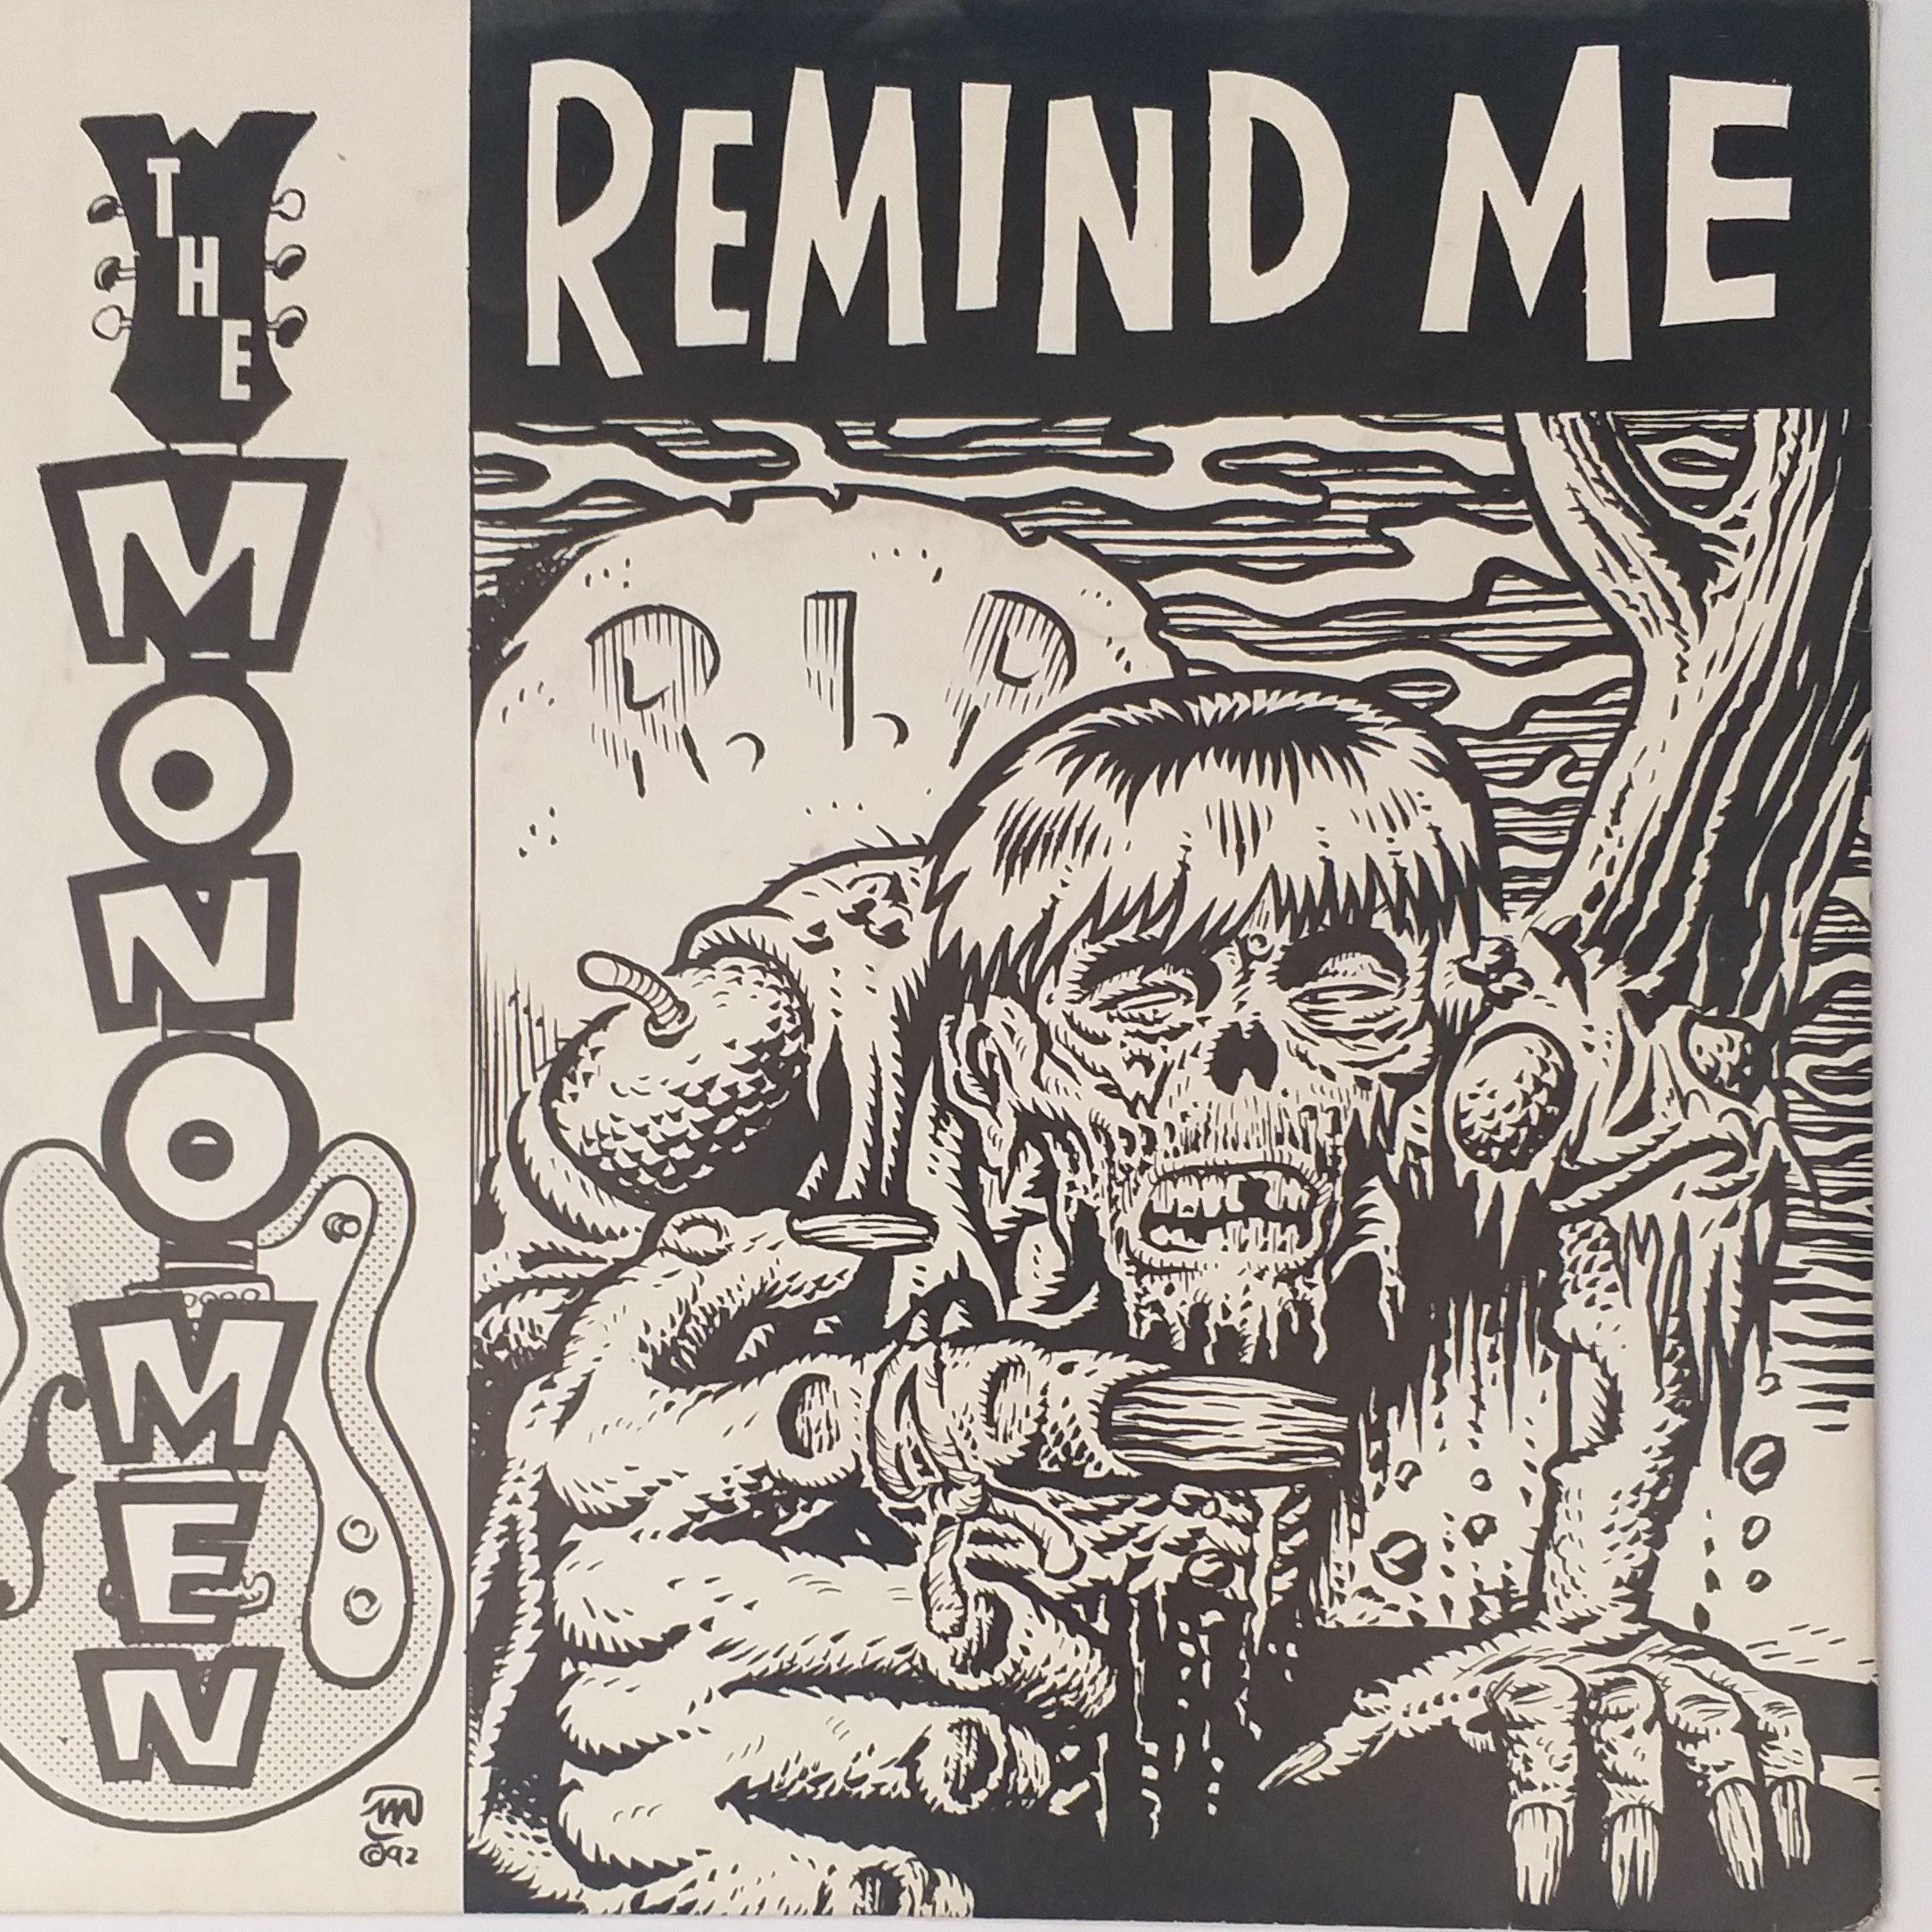 The monomen Remind me LP undefined